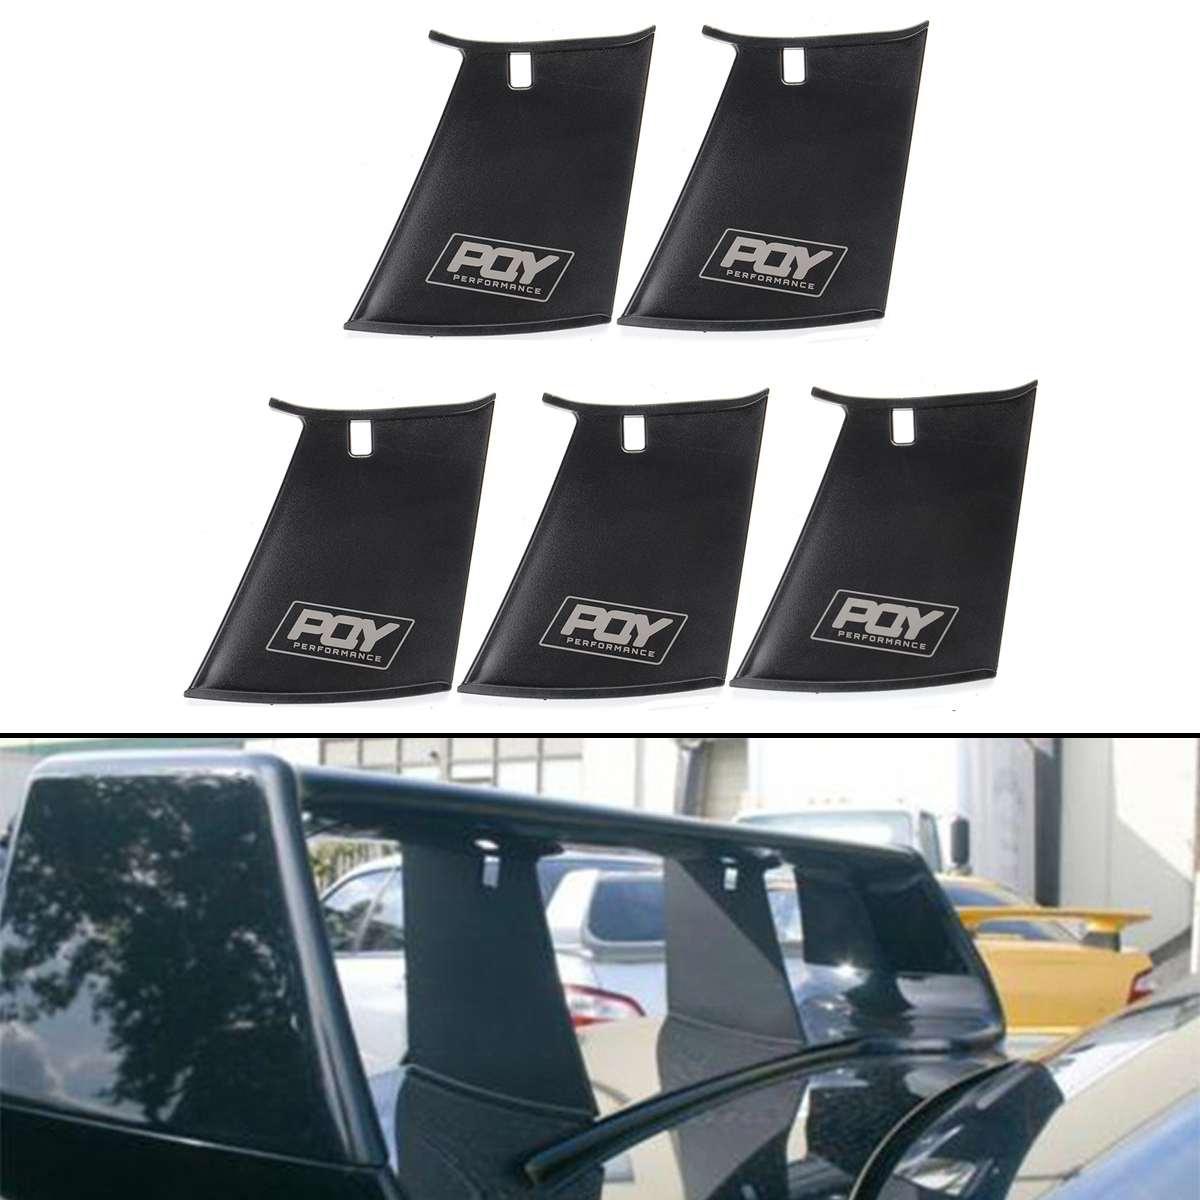 스바루 impreza 2002-2007 wrx sti stiffi 윙 스포일러 지원 안정기에 대한 새로운 자동차 리어 스포일러 윙 안정제 범퍼 스탠드